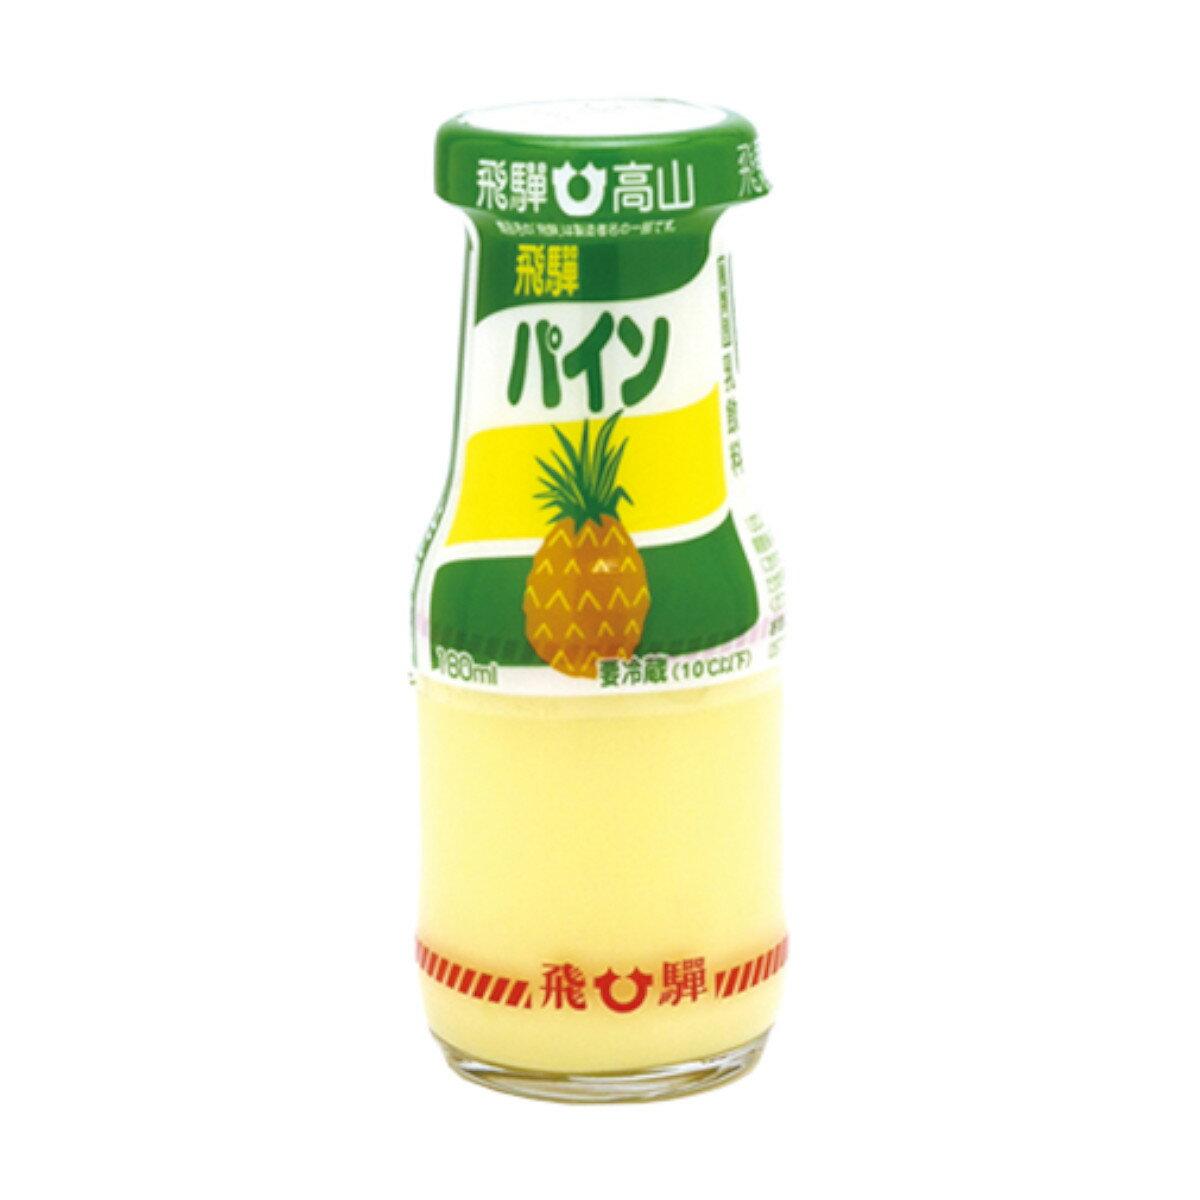 飛騨パイン 瓶